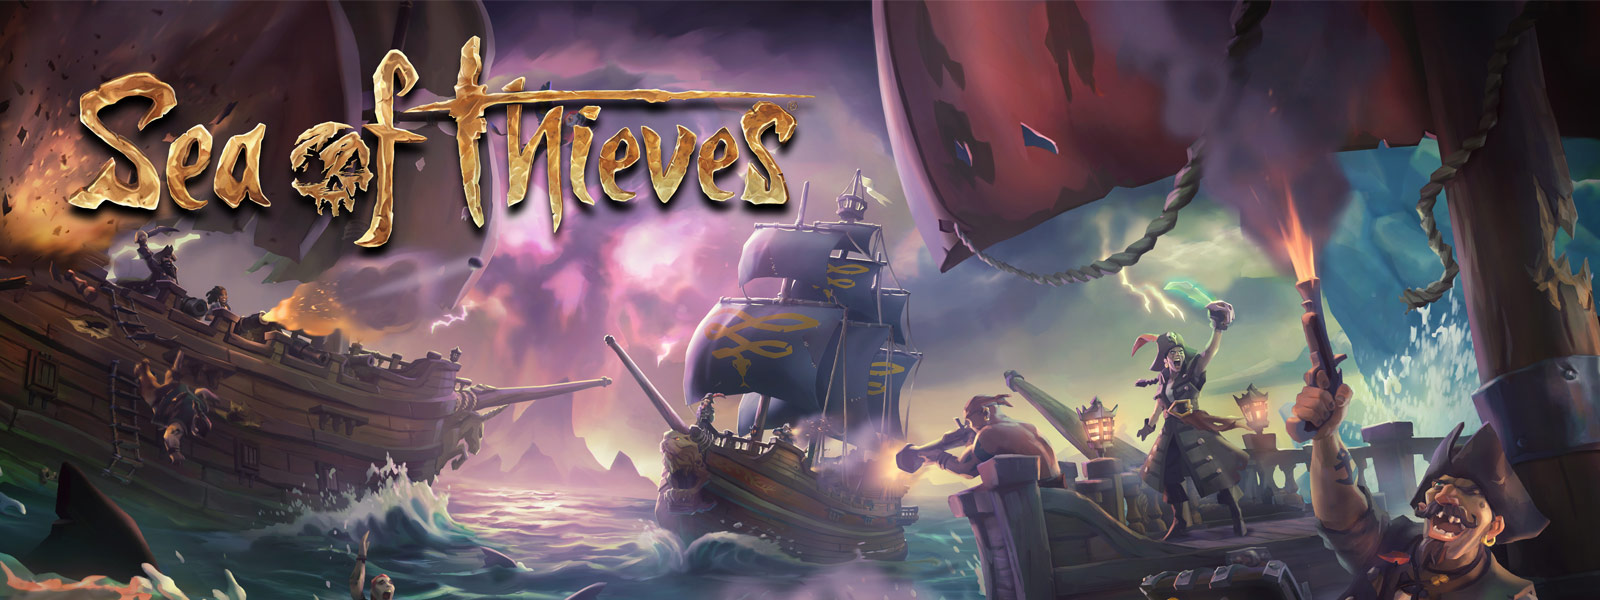 Sea of Thieves – lodě bojující v oceánu s loděmi střílejícími na další lodě